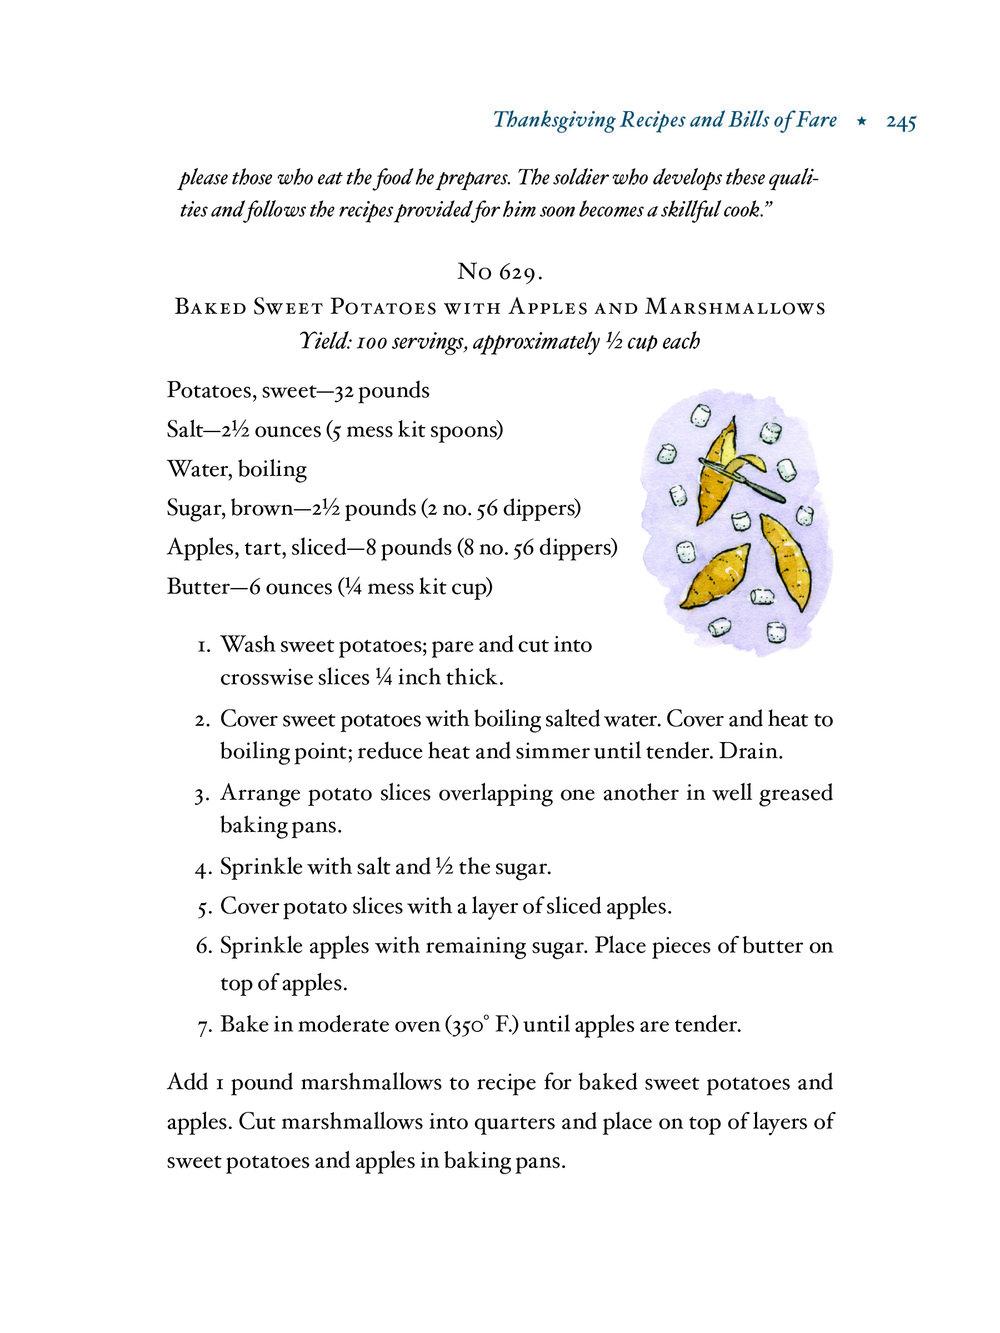 RecipesPag5.jpg